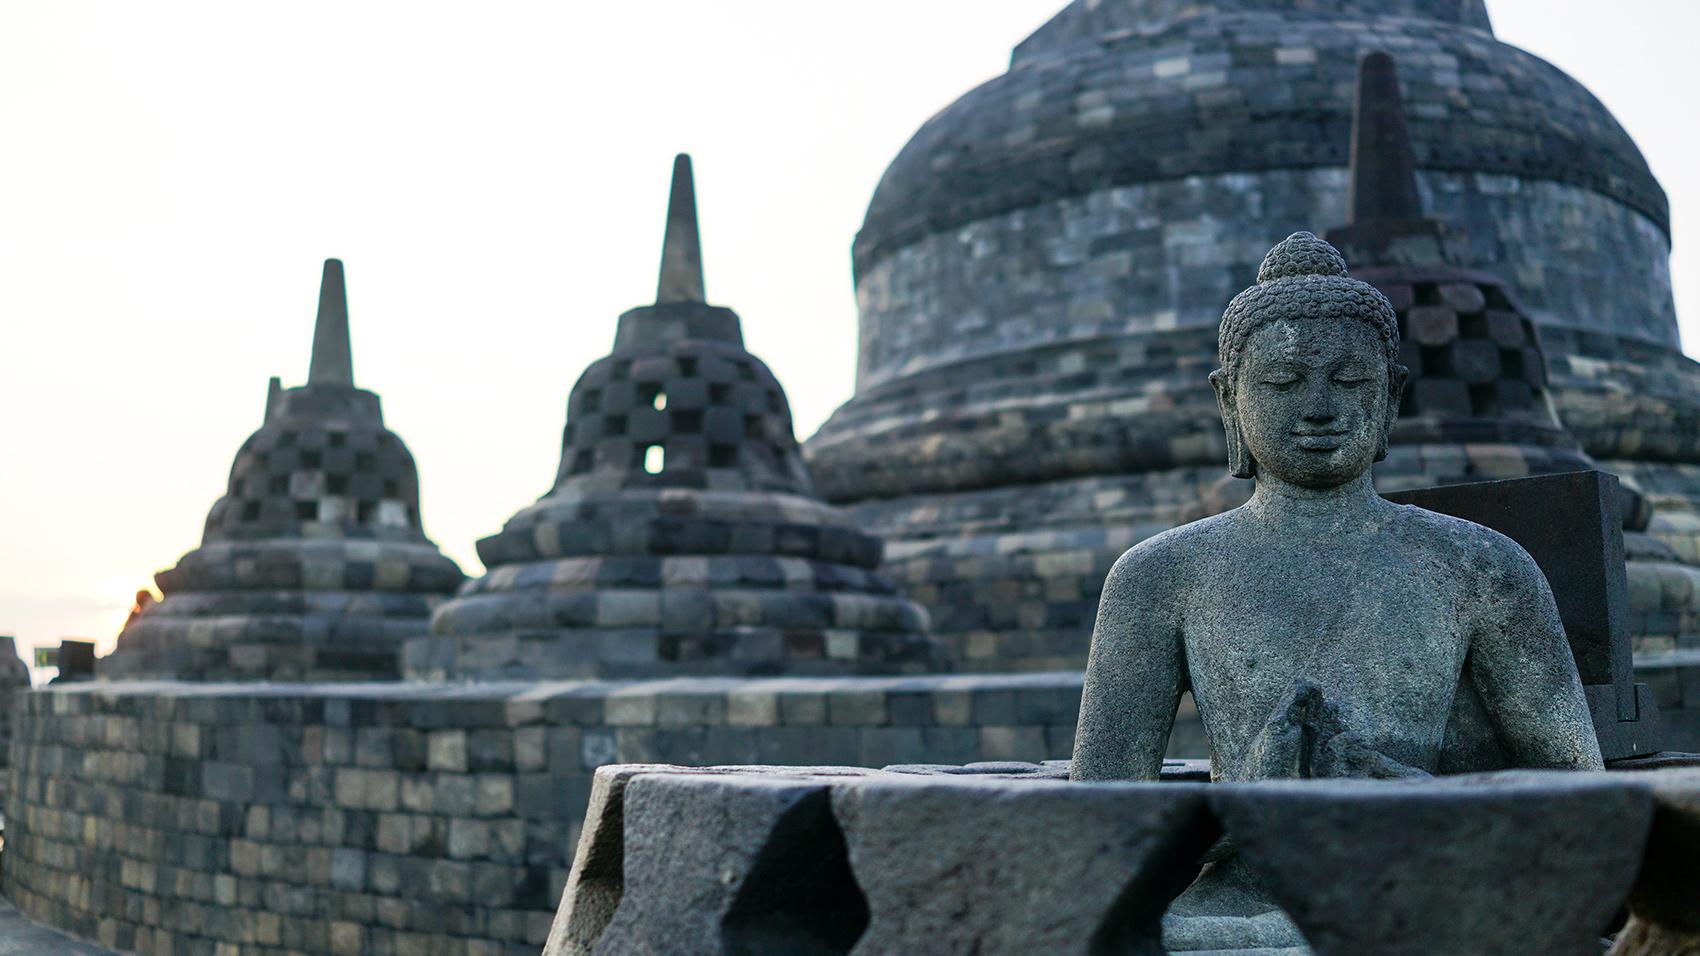 インドネシアは、場所によって様々な表情を見せてくれる。